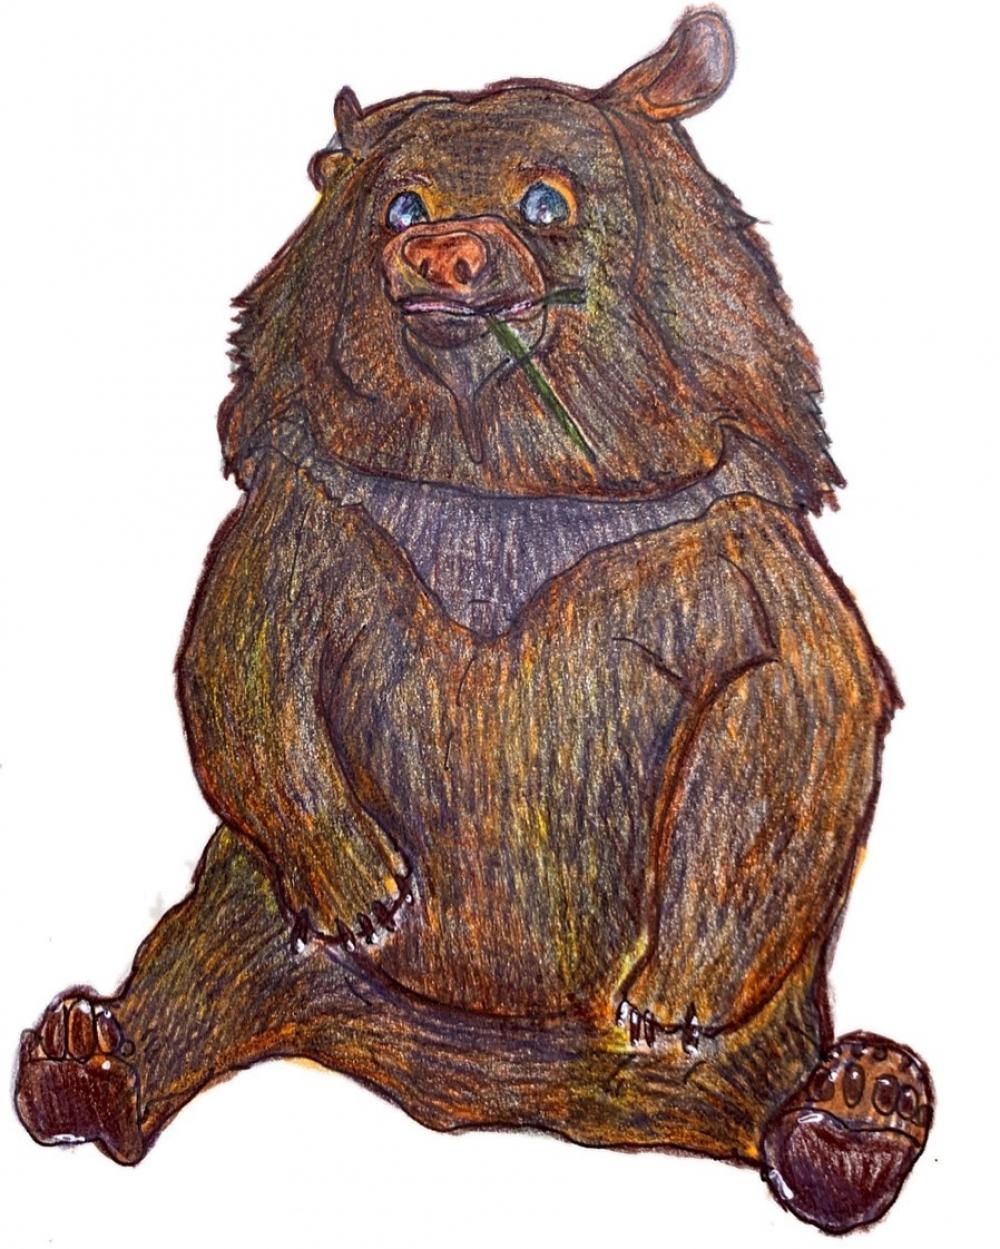 exid594wid568 / Brown bear